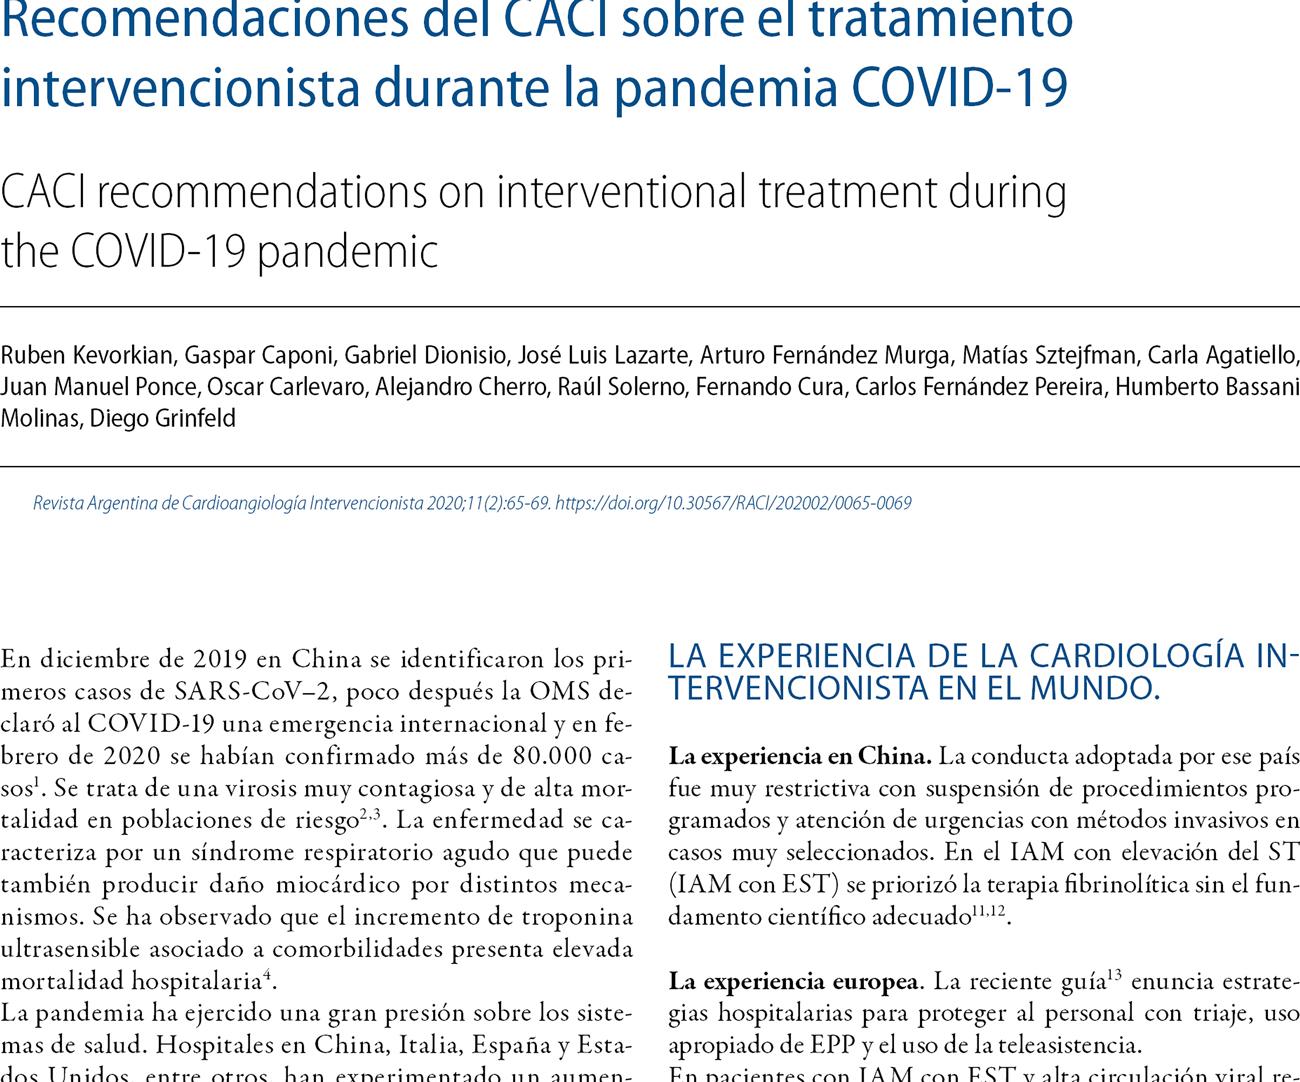 Recomendaciones del CACI sobre el tratamiento intervencionista durante la pandemia COVID-19